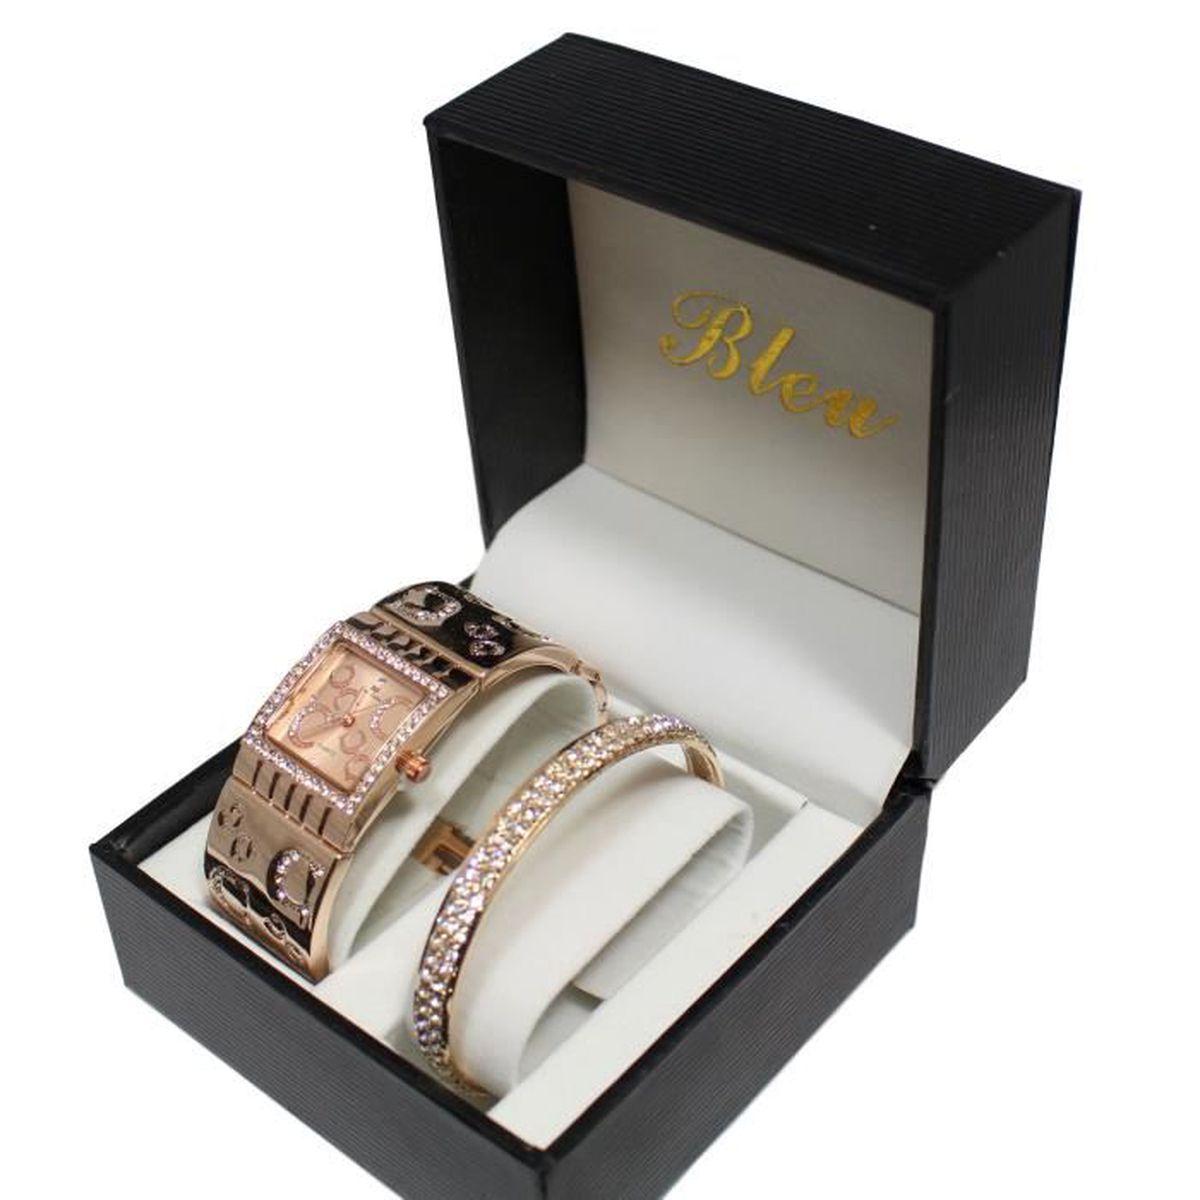 coffret montre femme bijoux gold rose strass bracelet jonc cuivr collection dolce vita. Black Bedroom Furniture Sets. Home Design Ideas